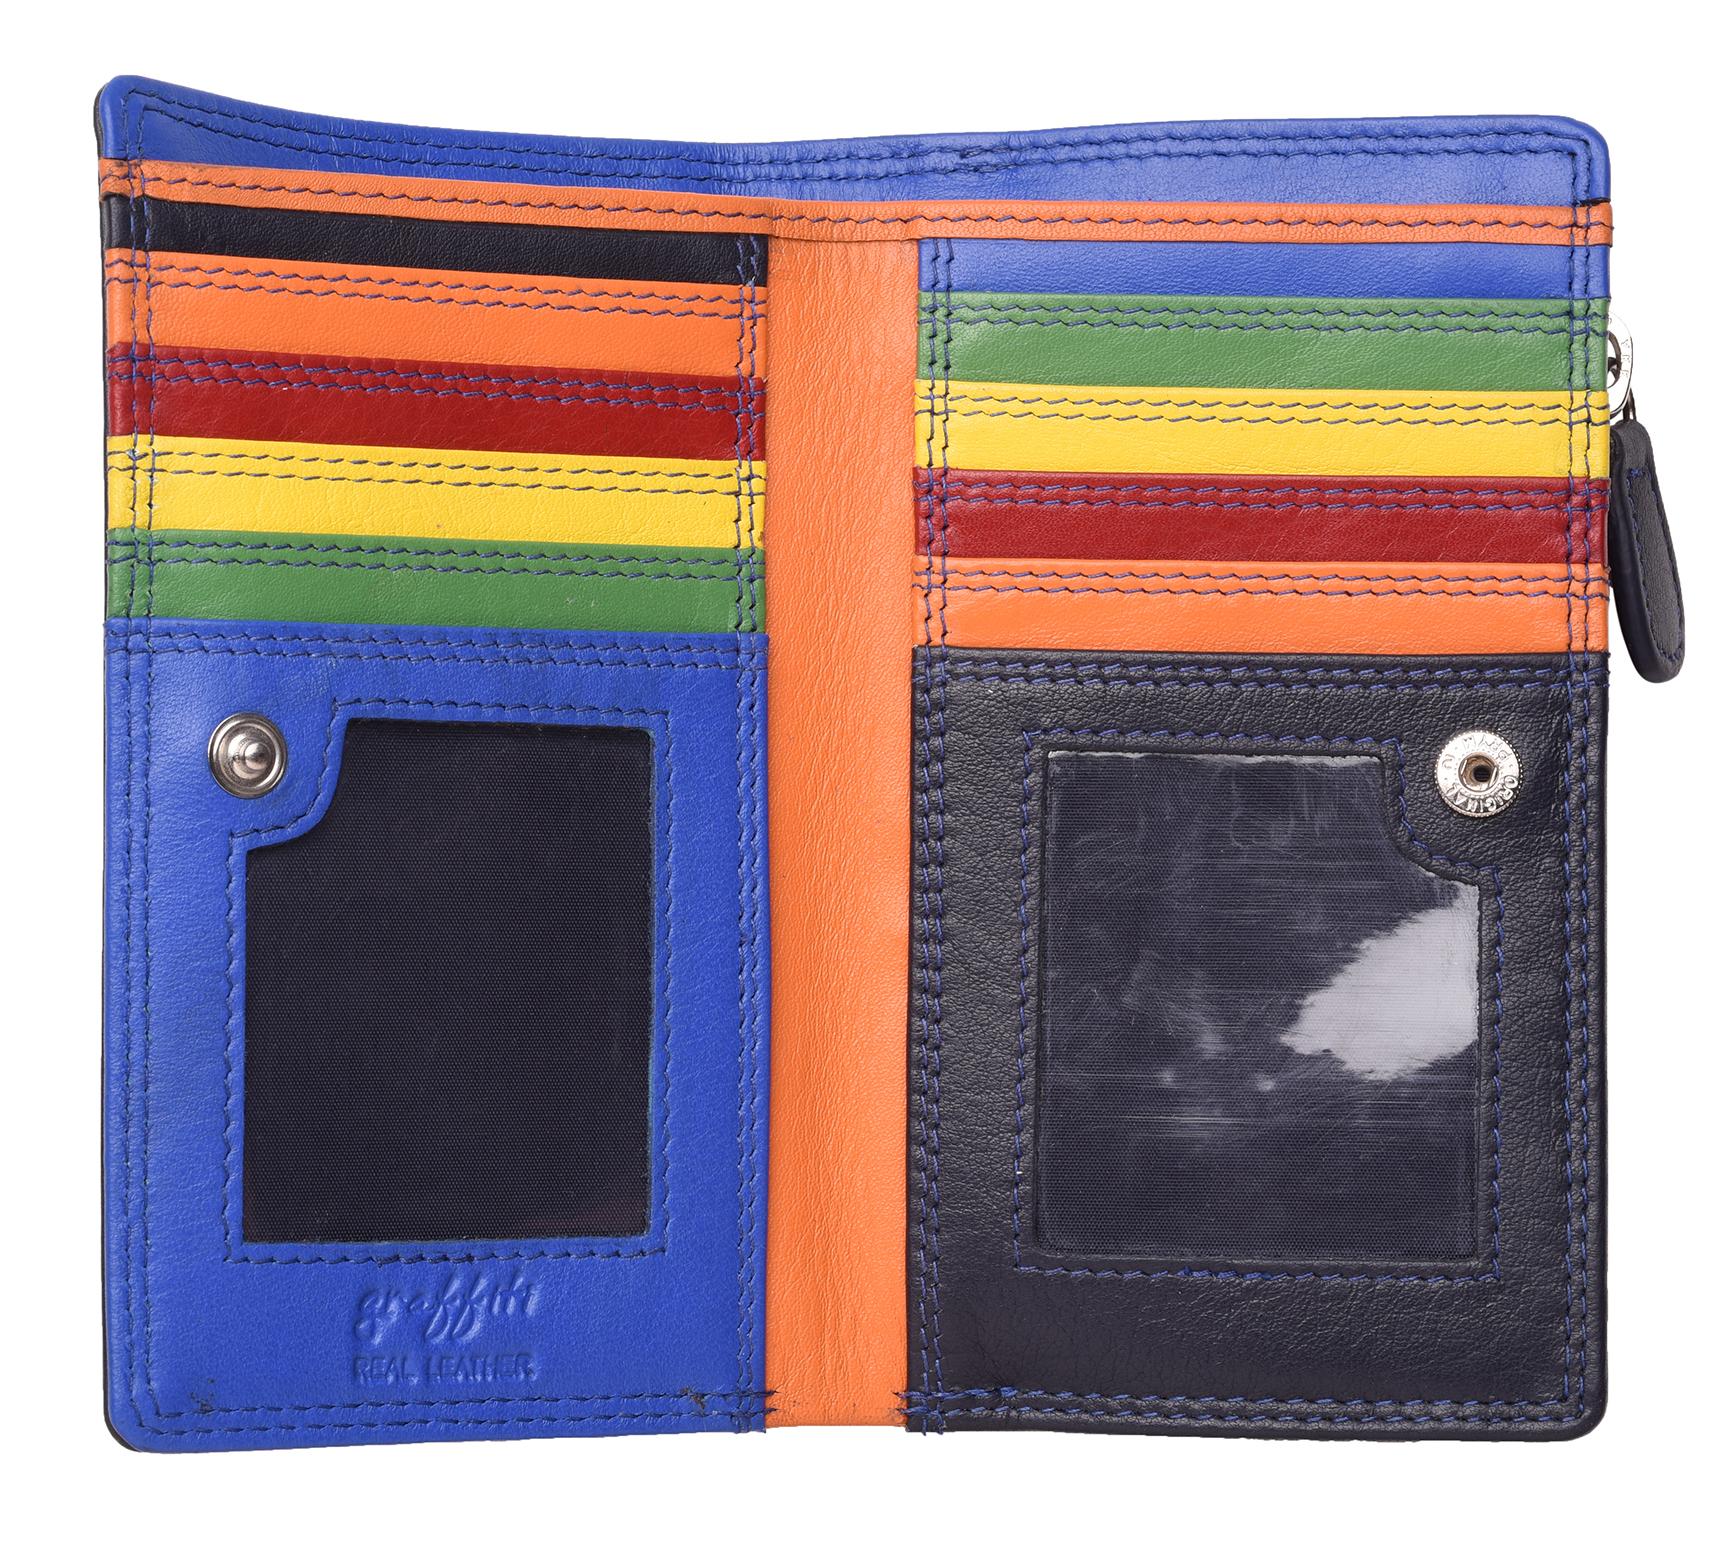 Femme-Veritable-Multi-Couleur-RFID-Blocage-De-Haute-Qualite-Sac-a-Main-Portefeuille miniature 15